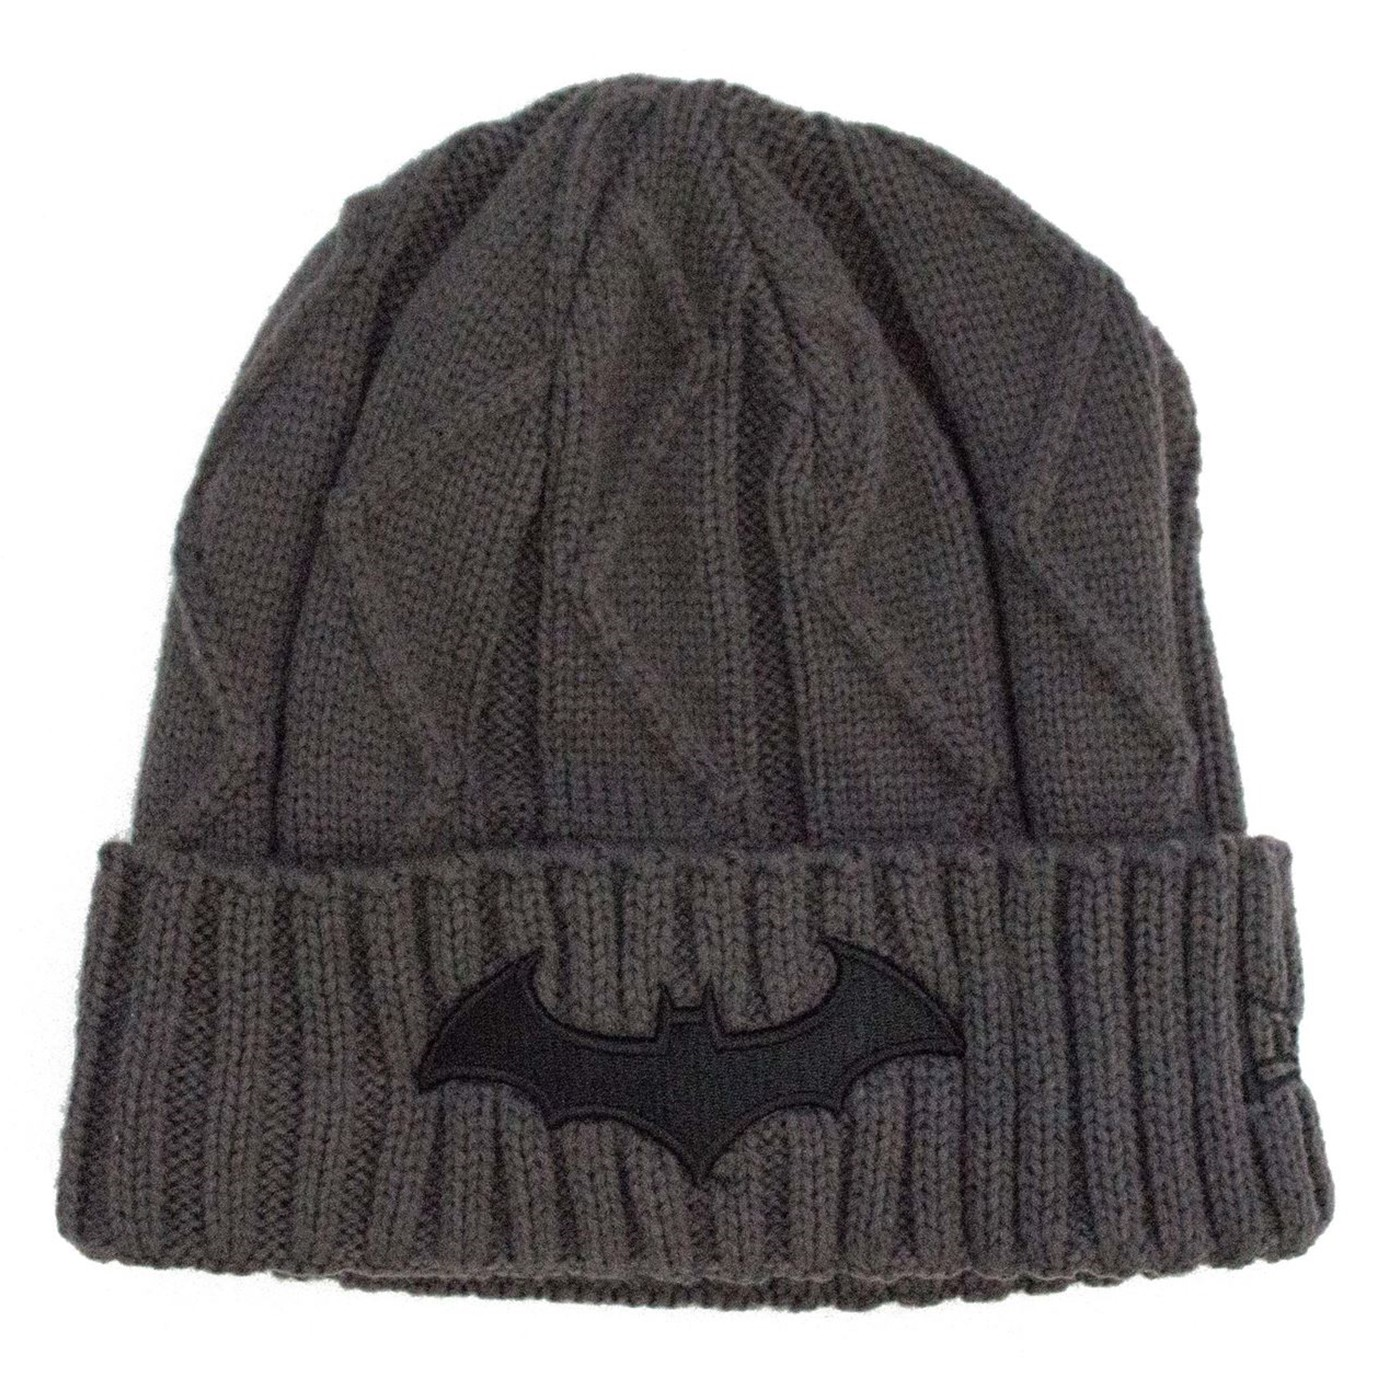 Batman HUSH Symbol with Batcave Weave Unisex Knit Beanie